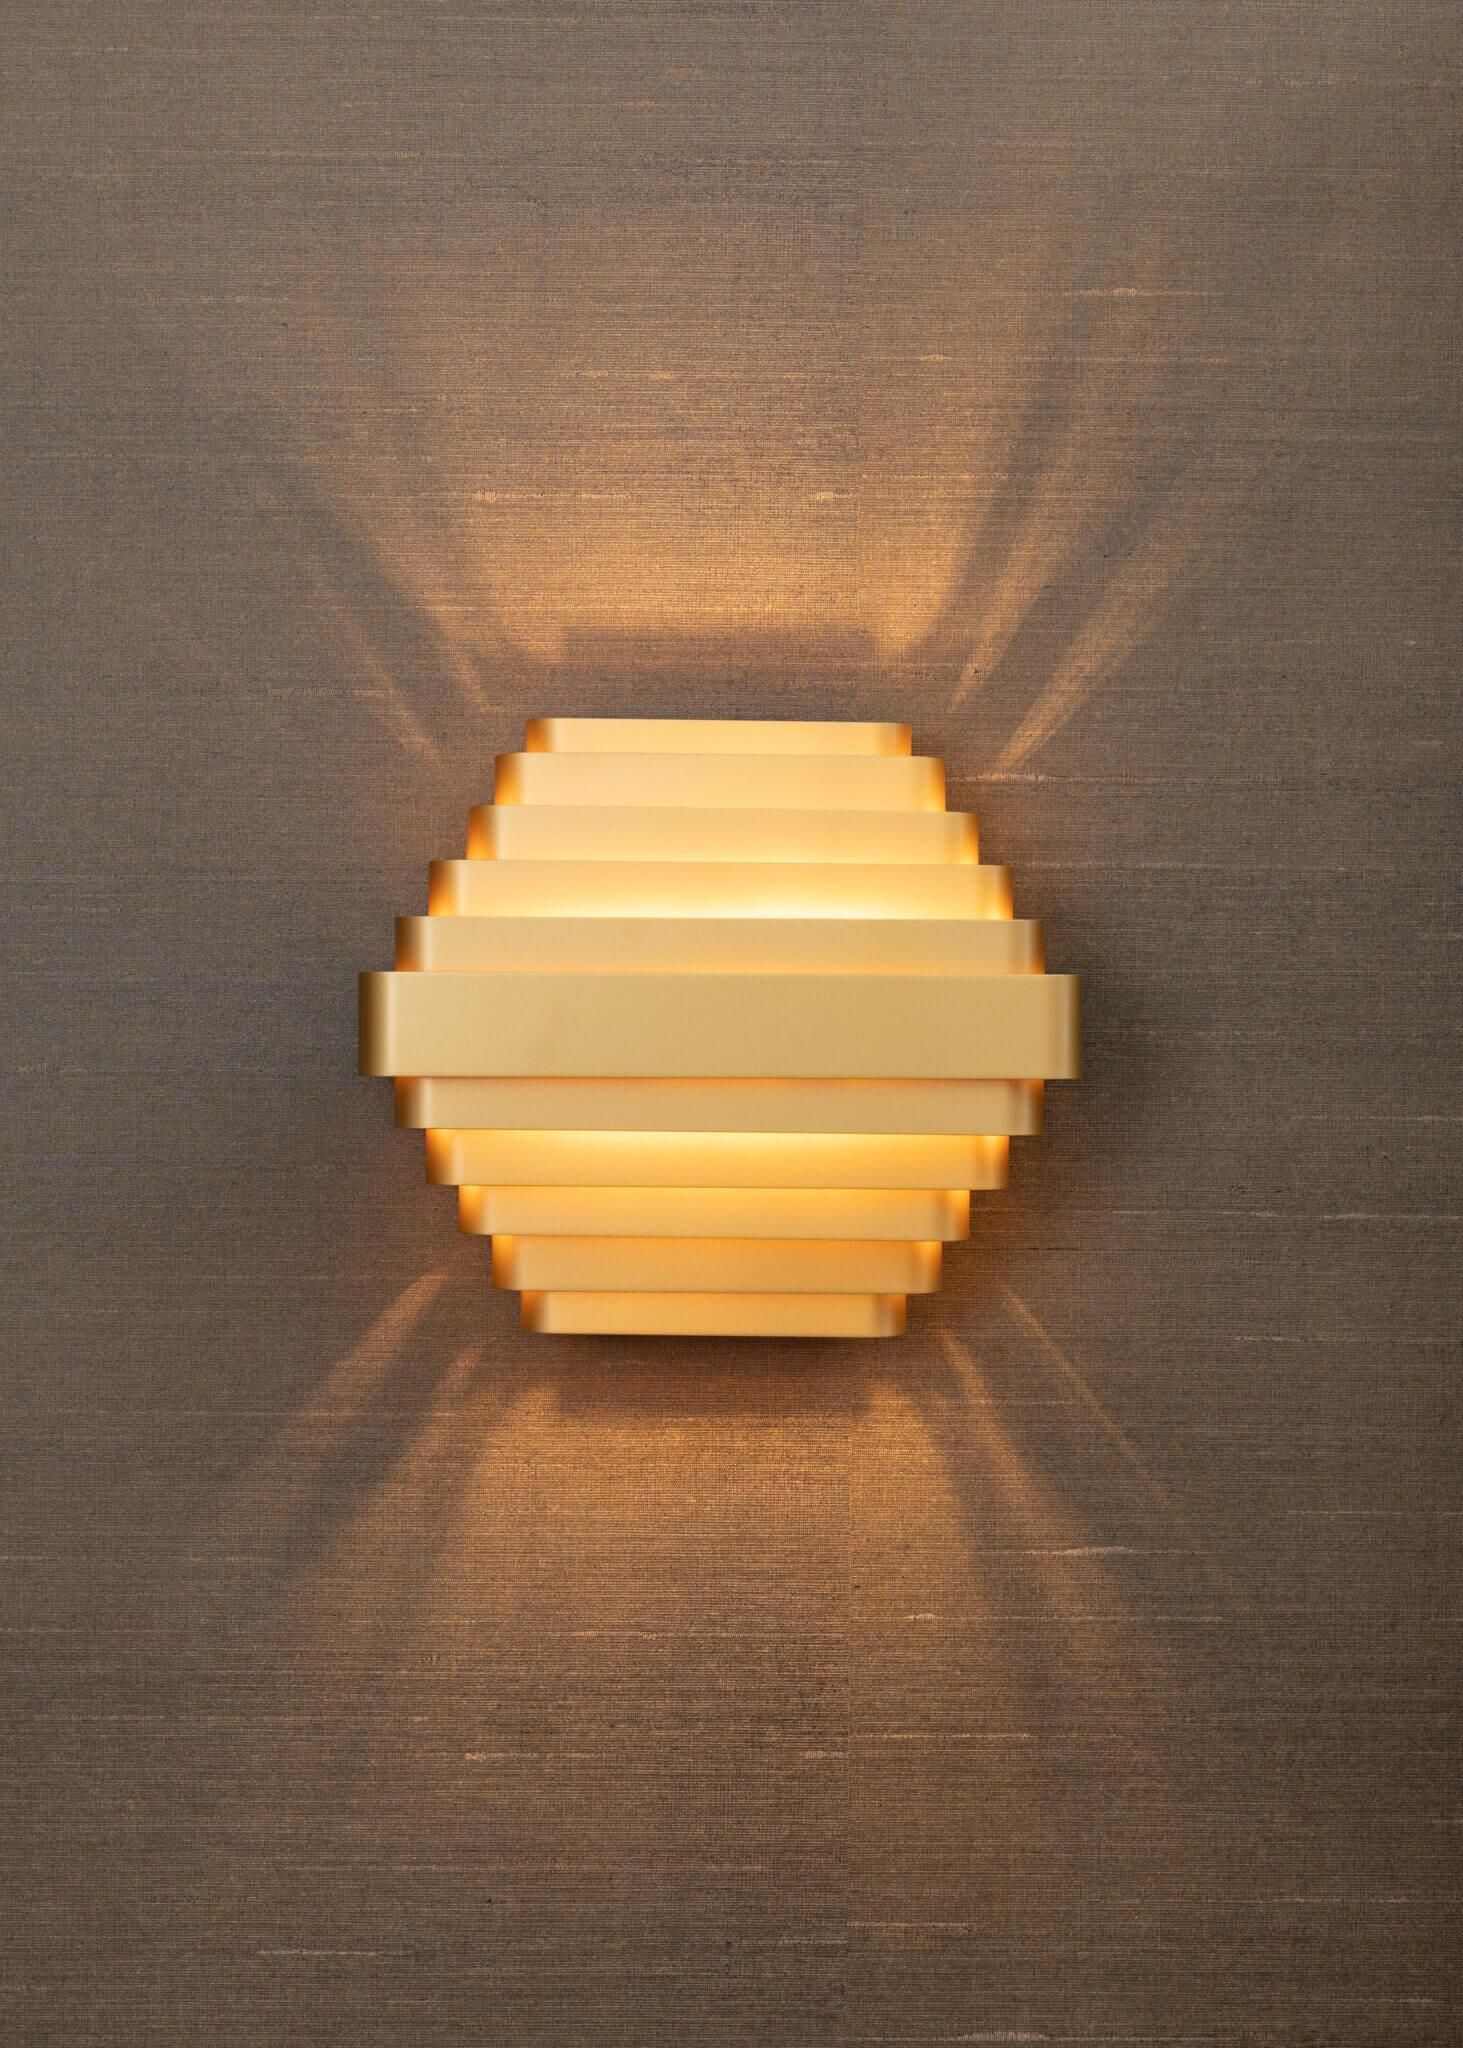 Print-Bedroom-Wall-Light